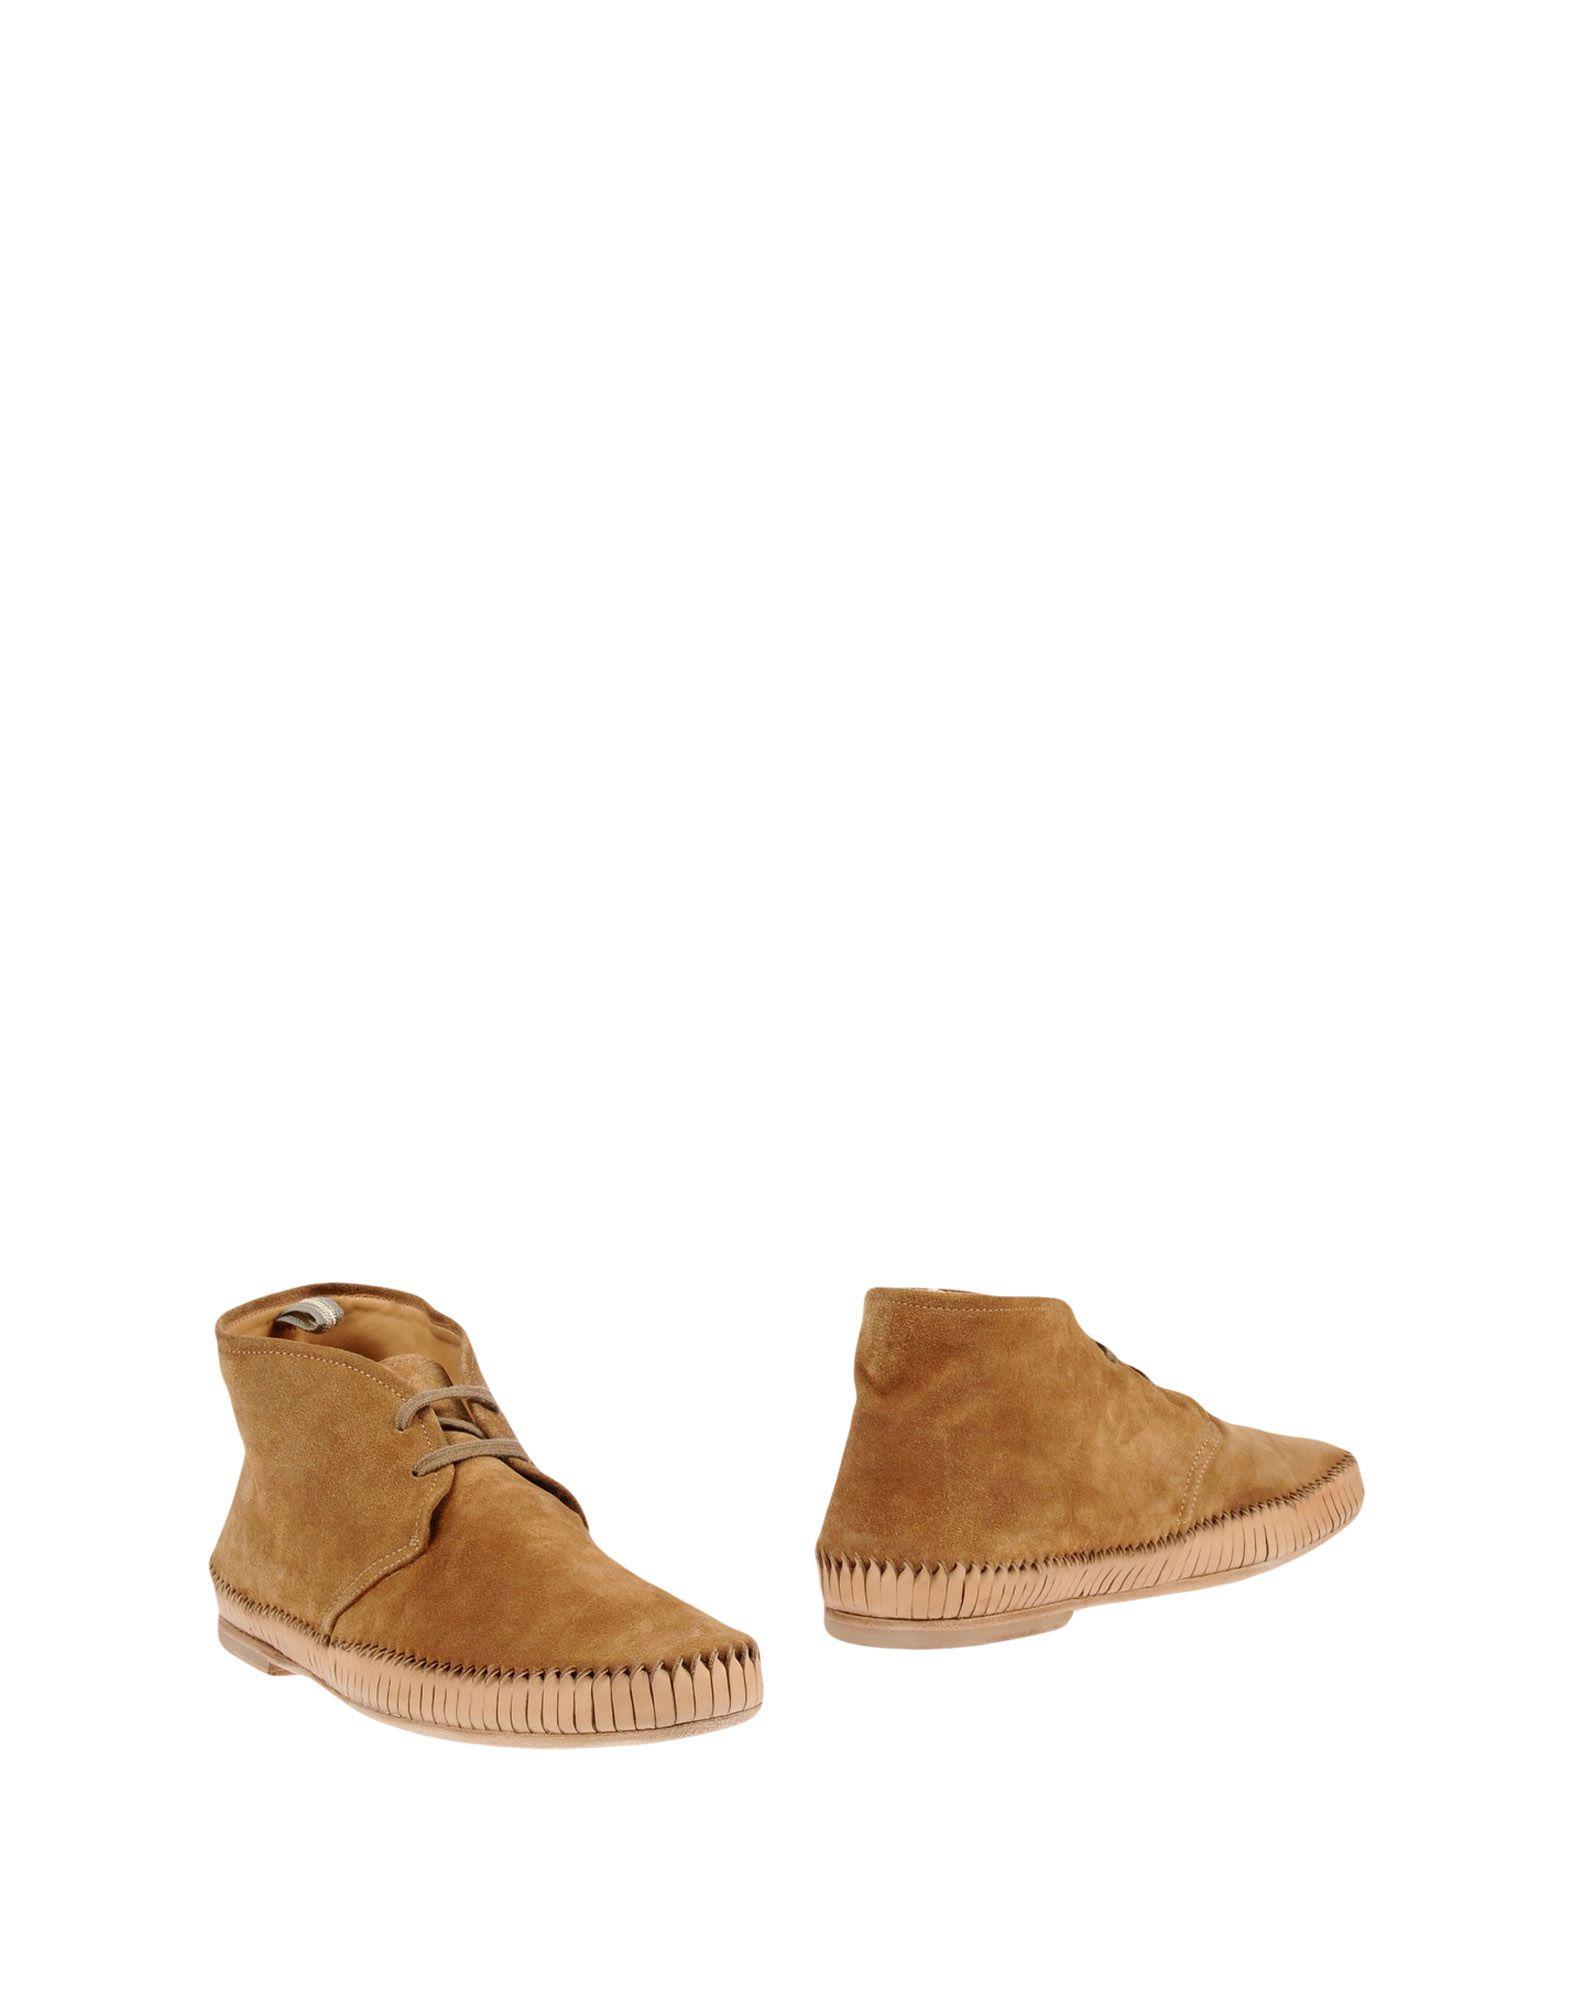 Officine Creative Italia Stiefelette Herren  11426719CF 11426719CF 11426719CF Gute Qualität beliebte Schuhe fb8018